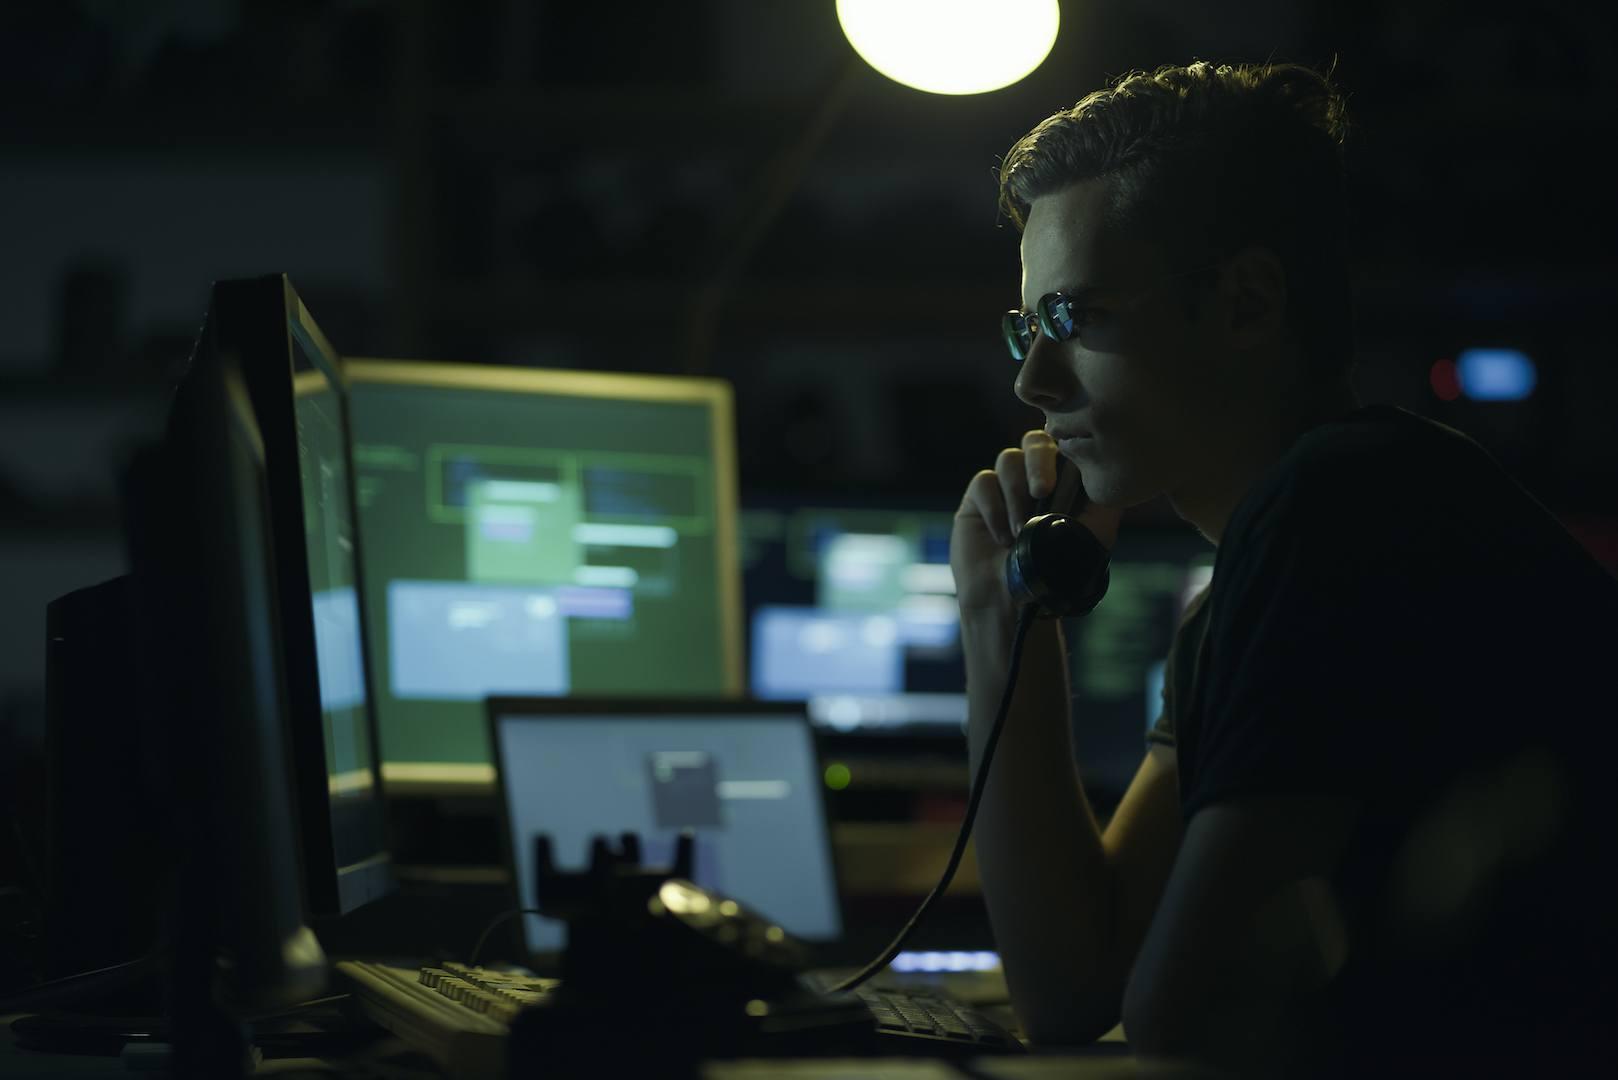 Os ataques cibernéticos estão cada vez mais sofisticados